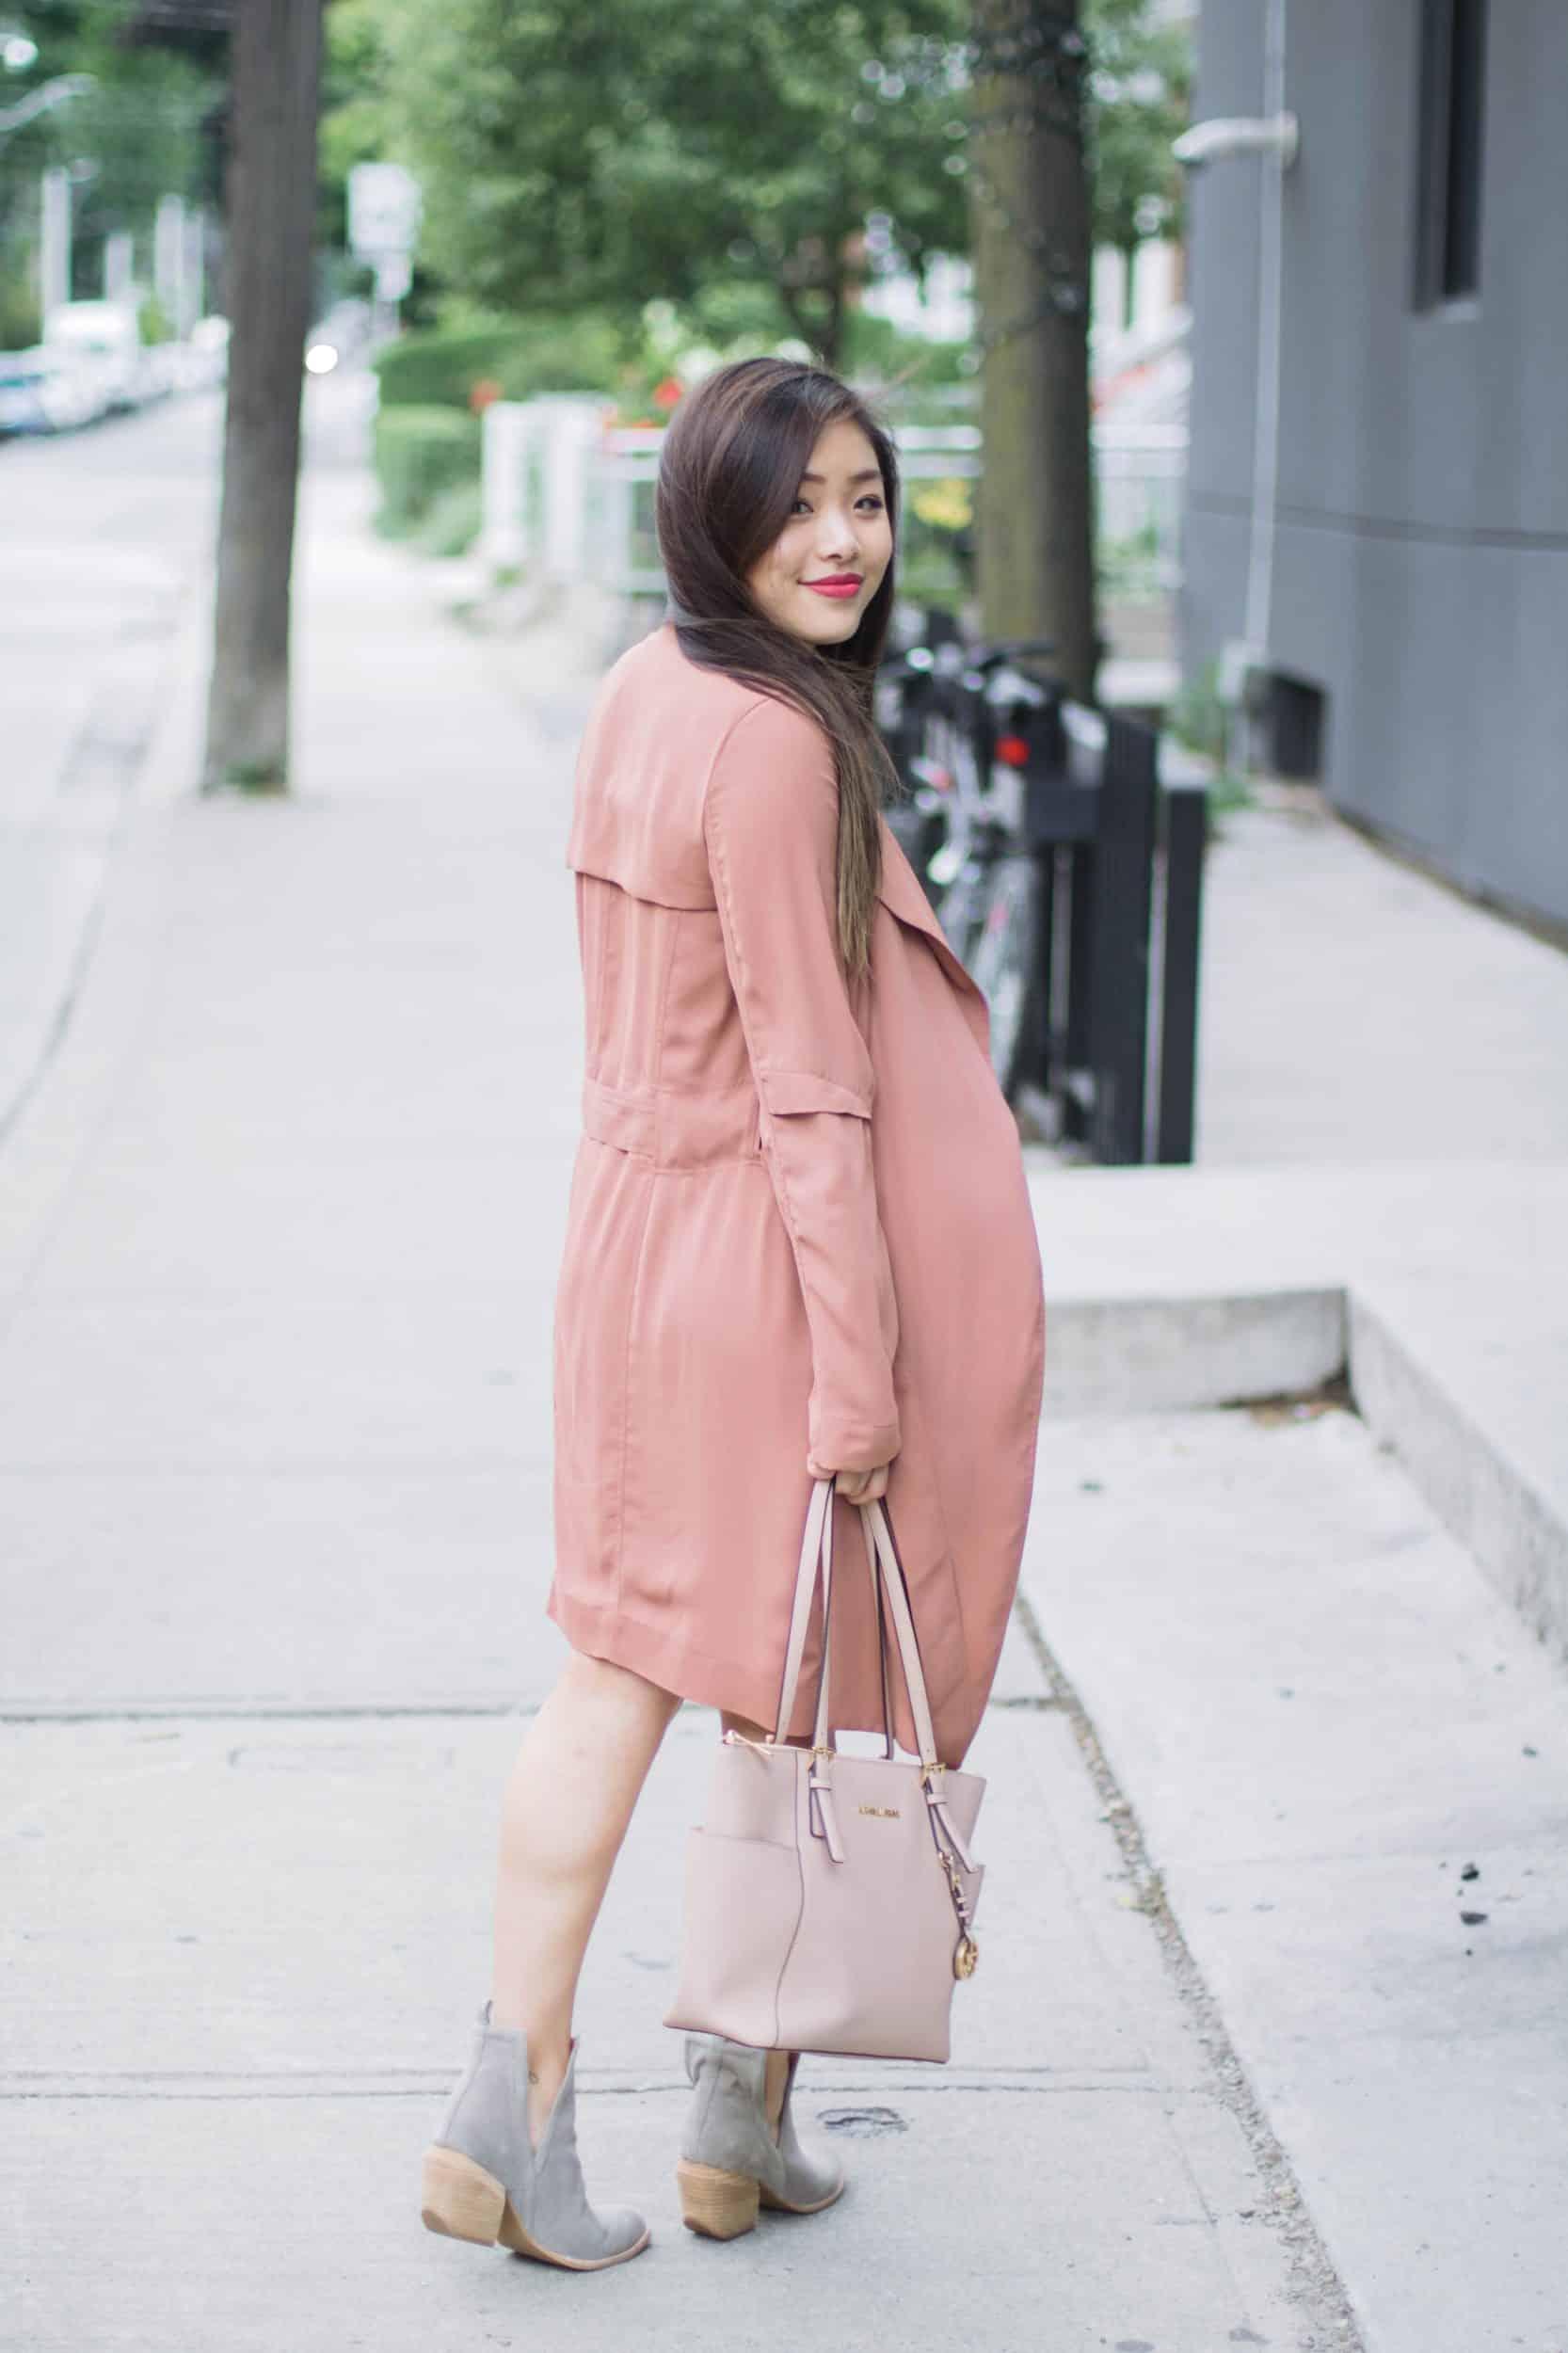 Pink trench coat + grey suede booties + nude bag